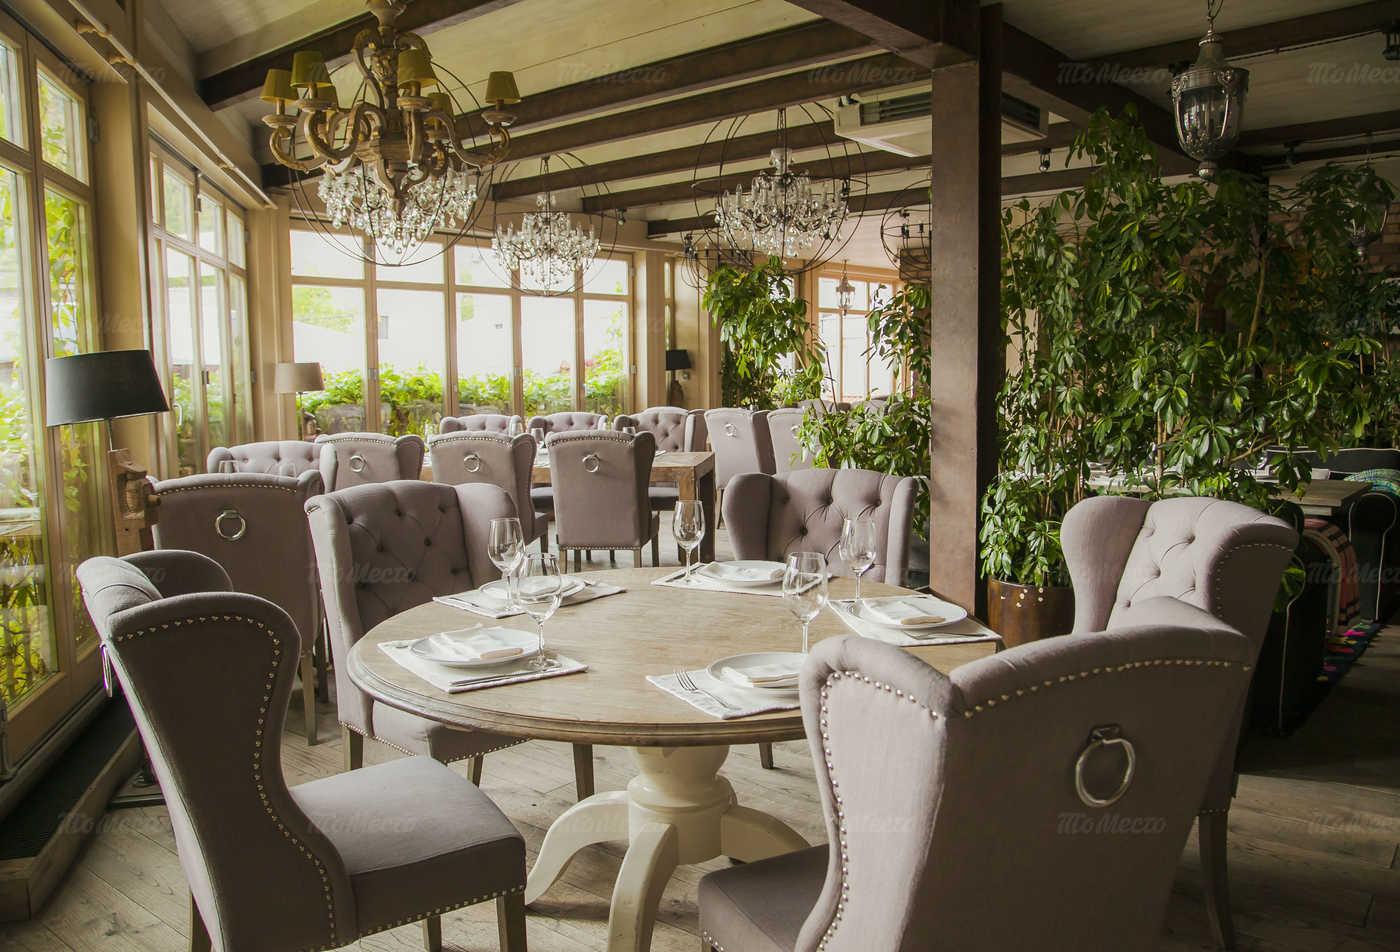 Ресторан Тифлисский дворик на Остоженке фото 9